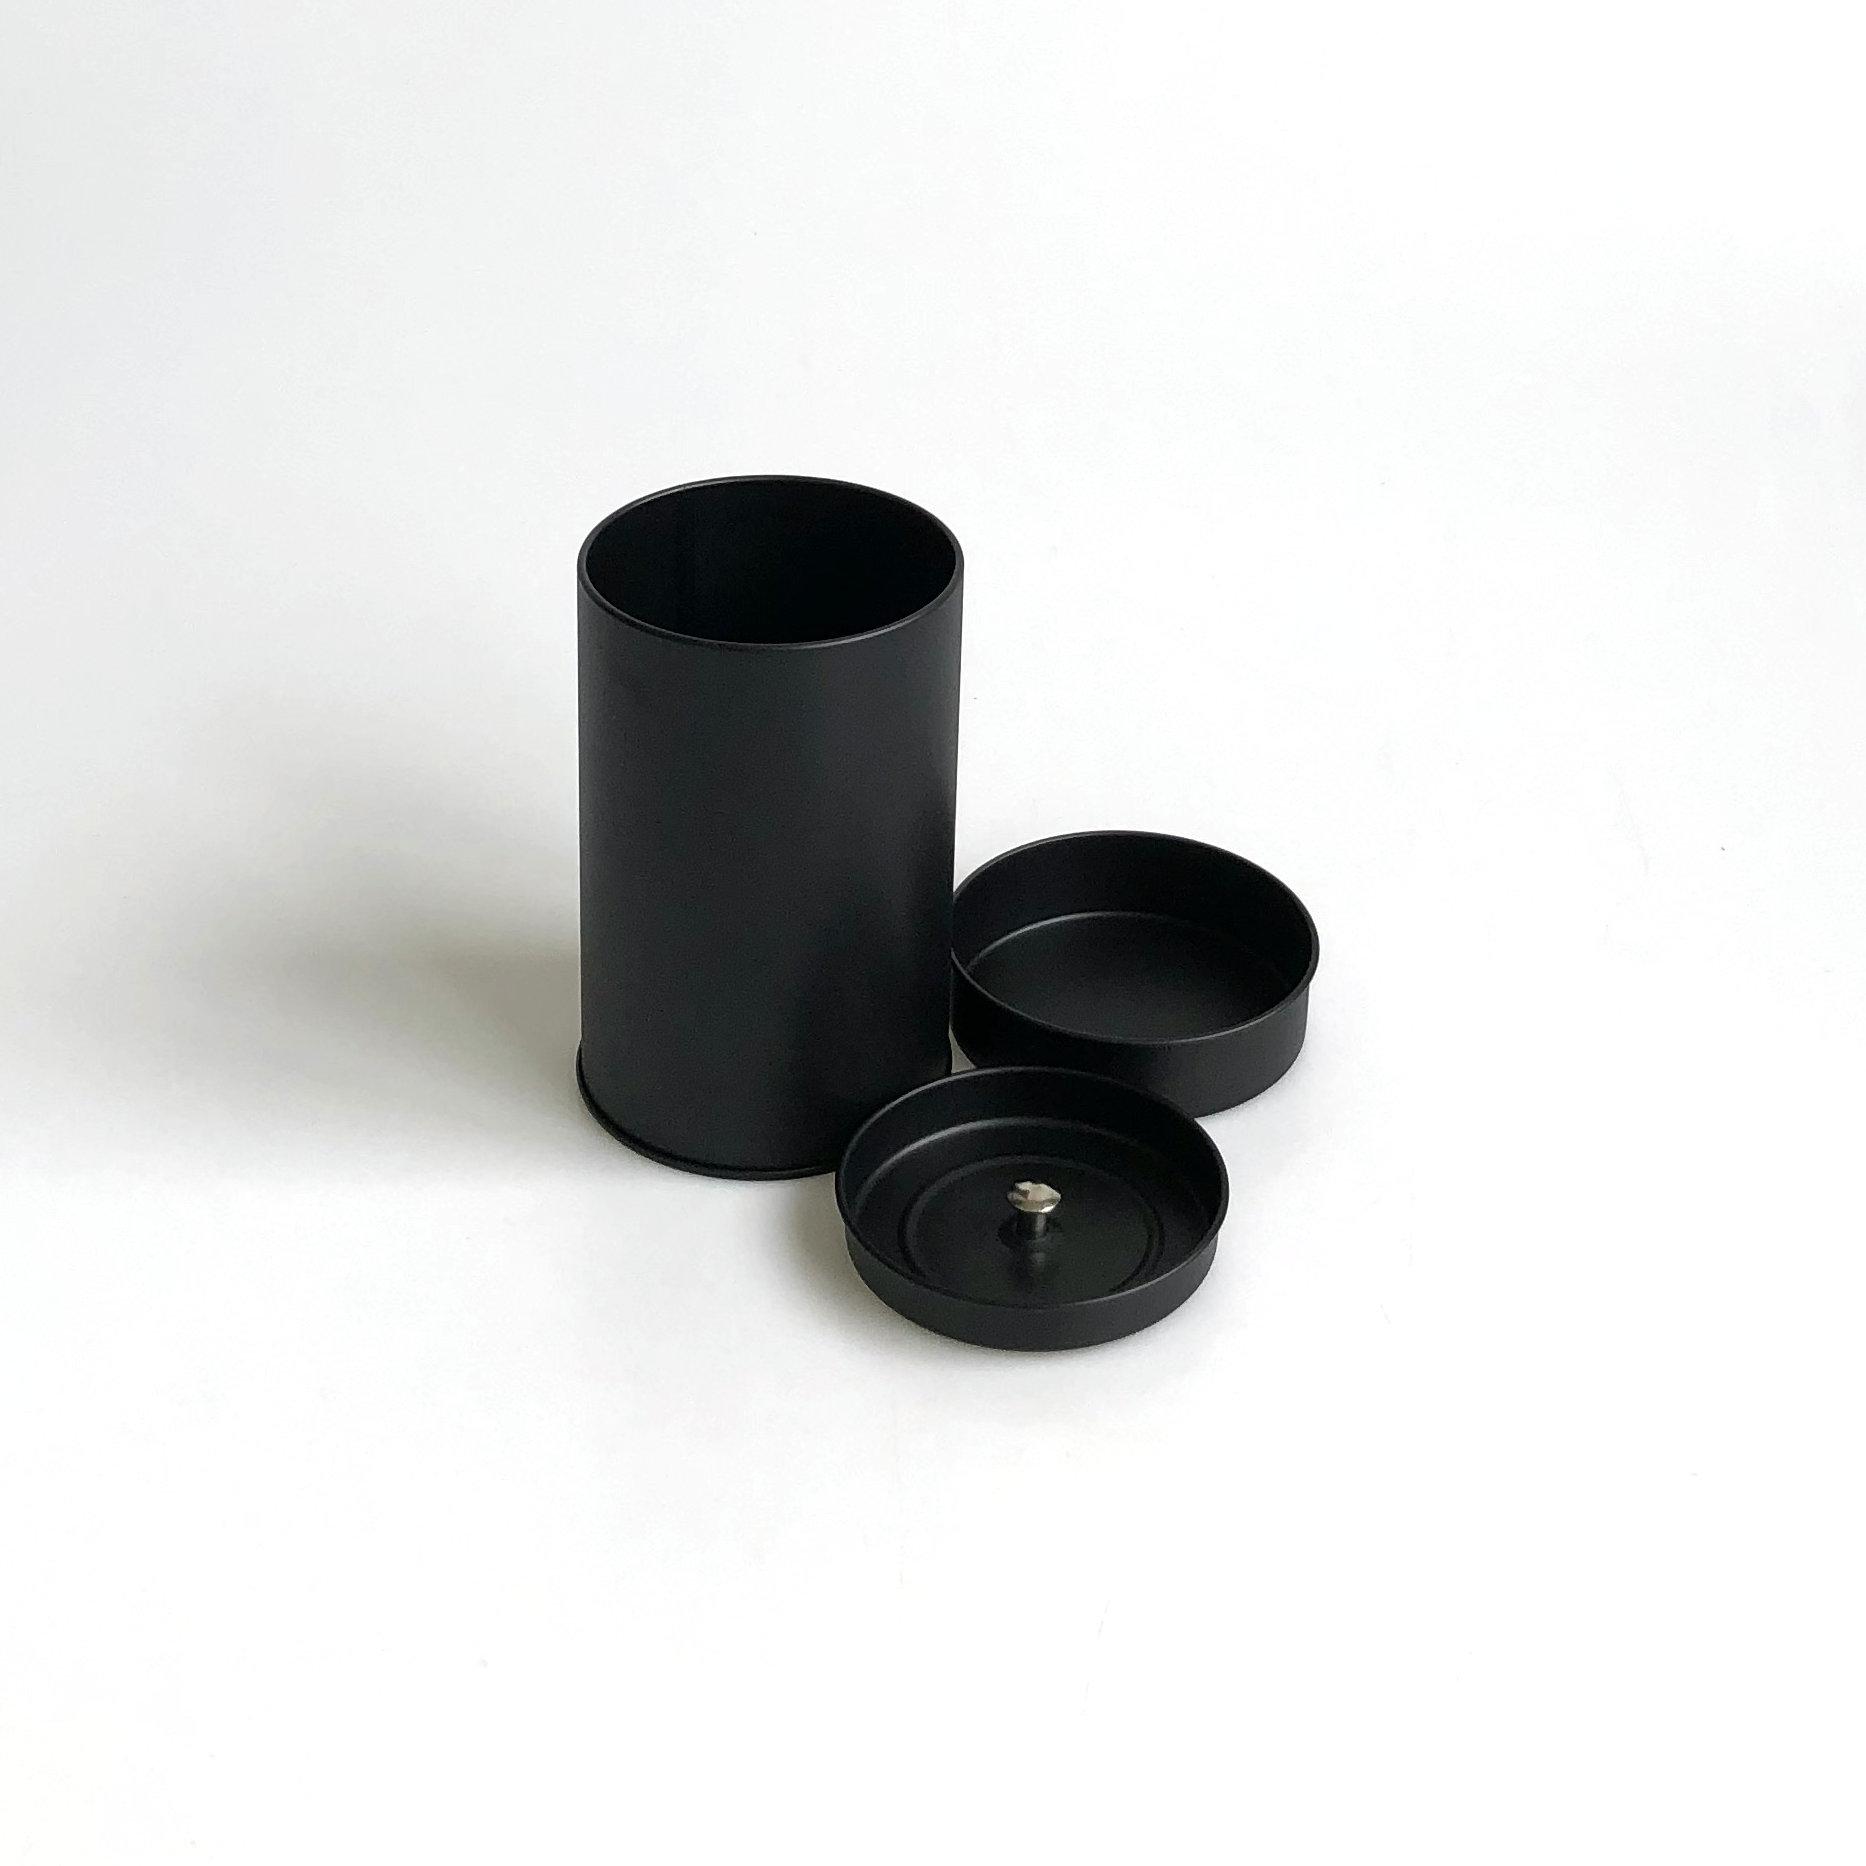 Оптовая продажа, пустые металлические чайные банки черного цвета для коллекции